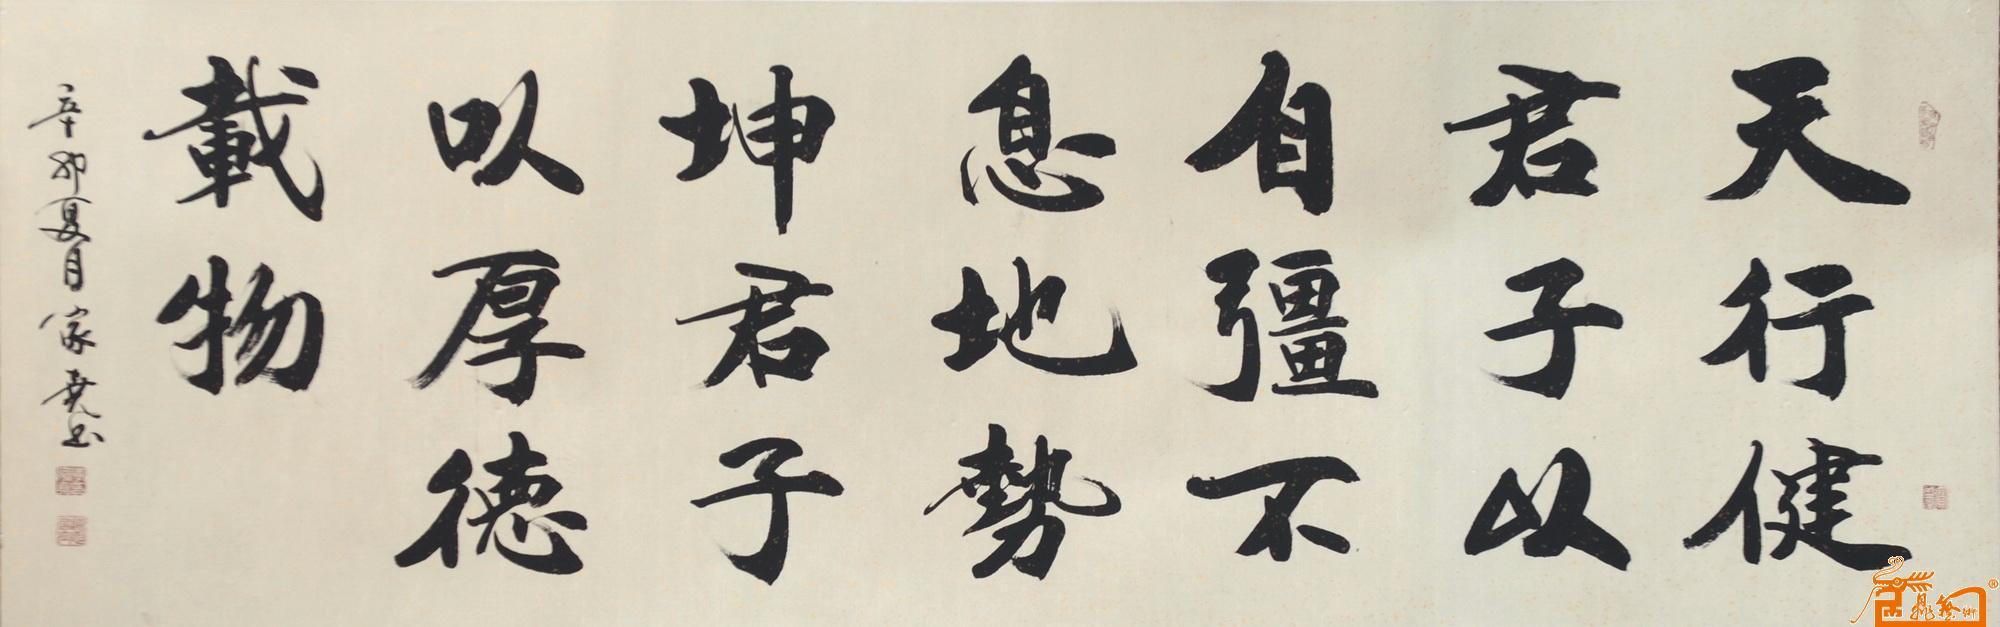 李家尧 易经 淘宝 名人字画 中国书画交易中心